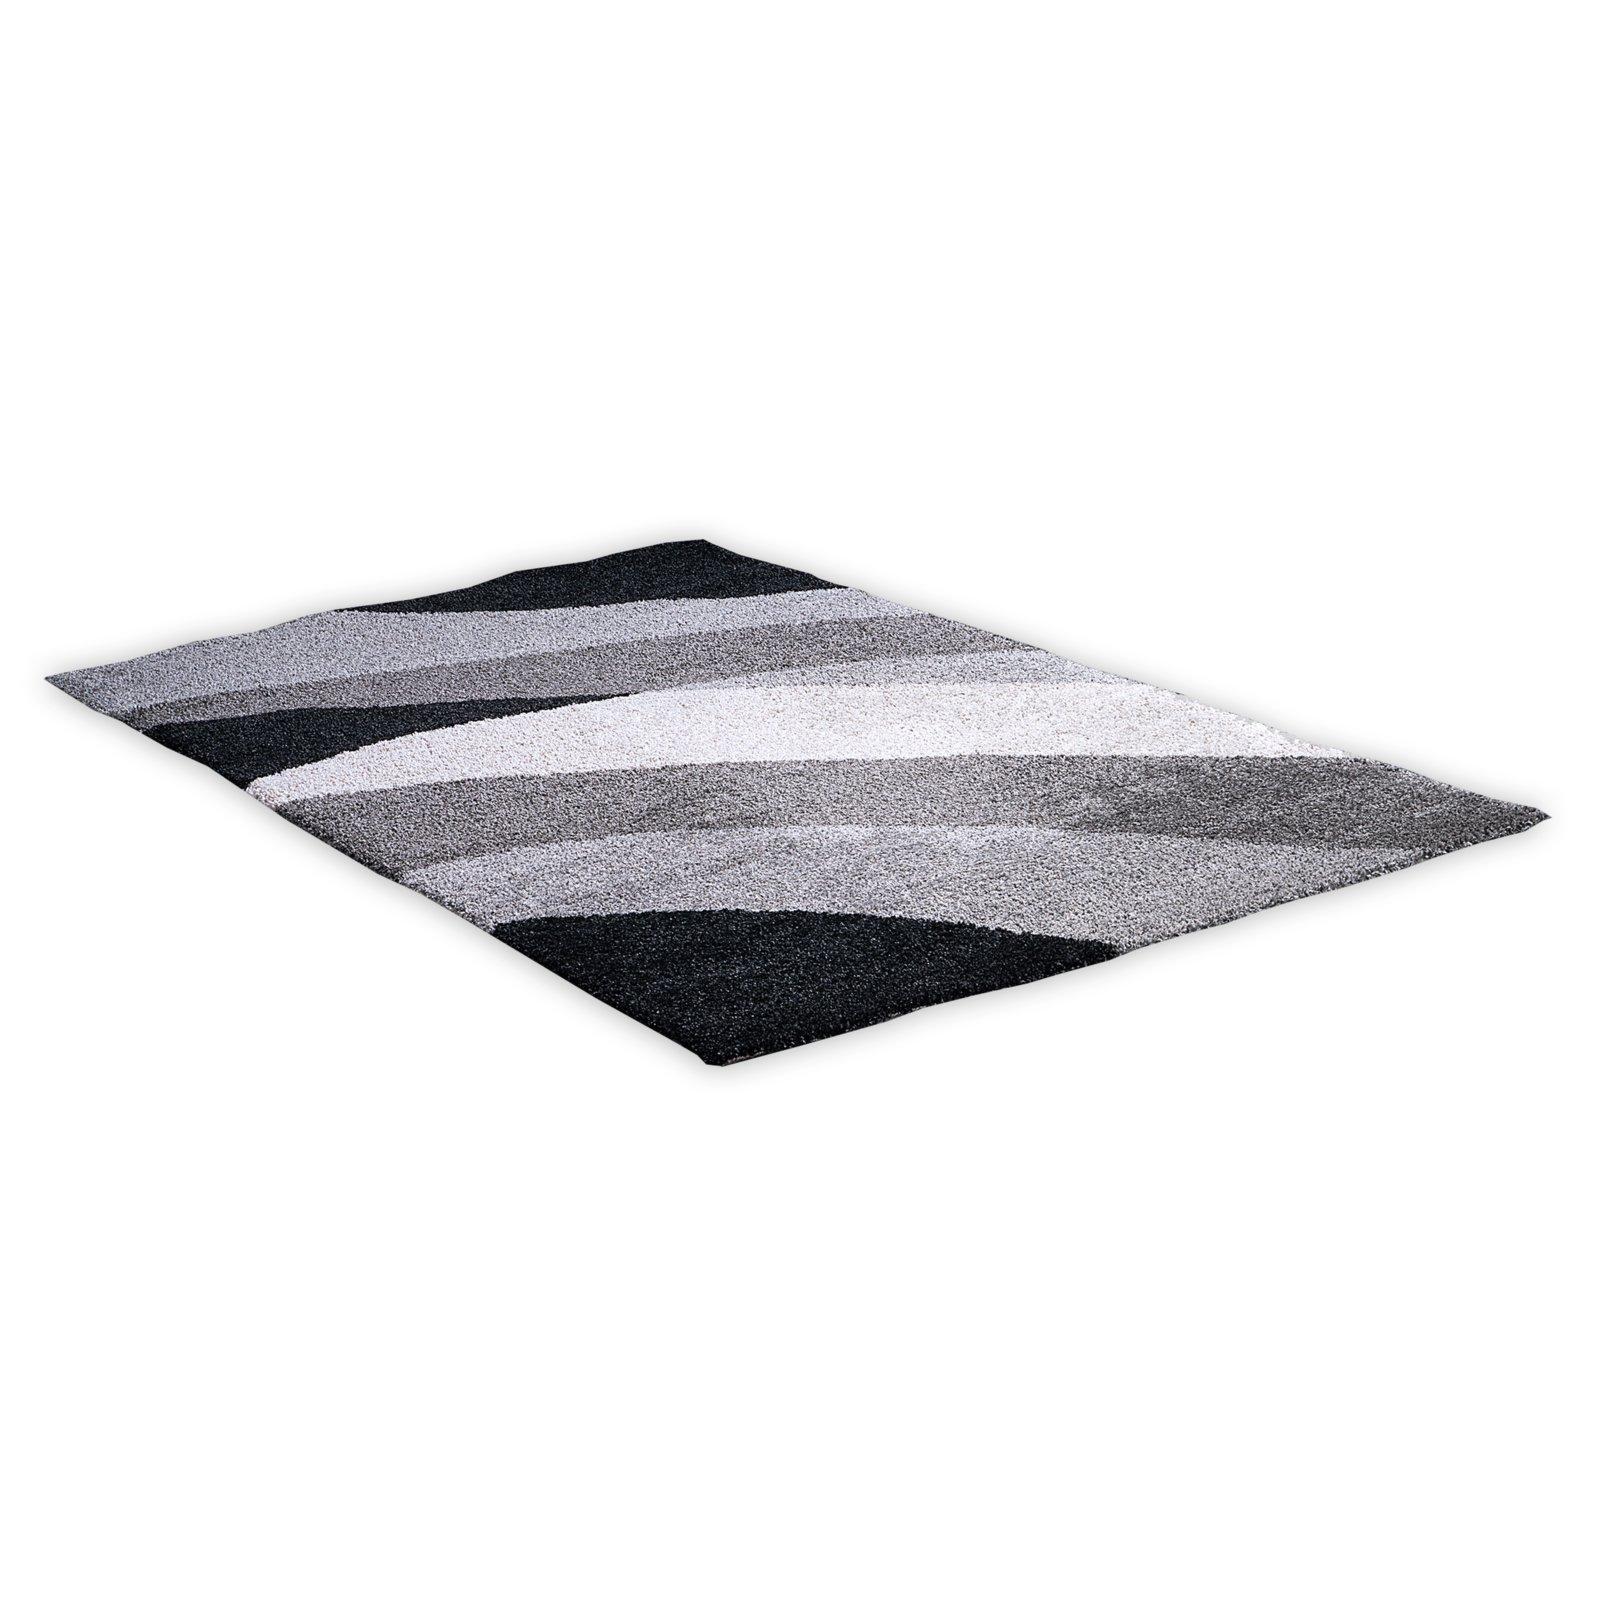 Teppich NOVA  grauschwarz  200×290 cm  Gemusterte